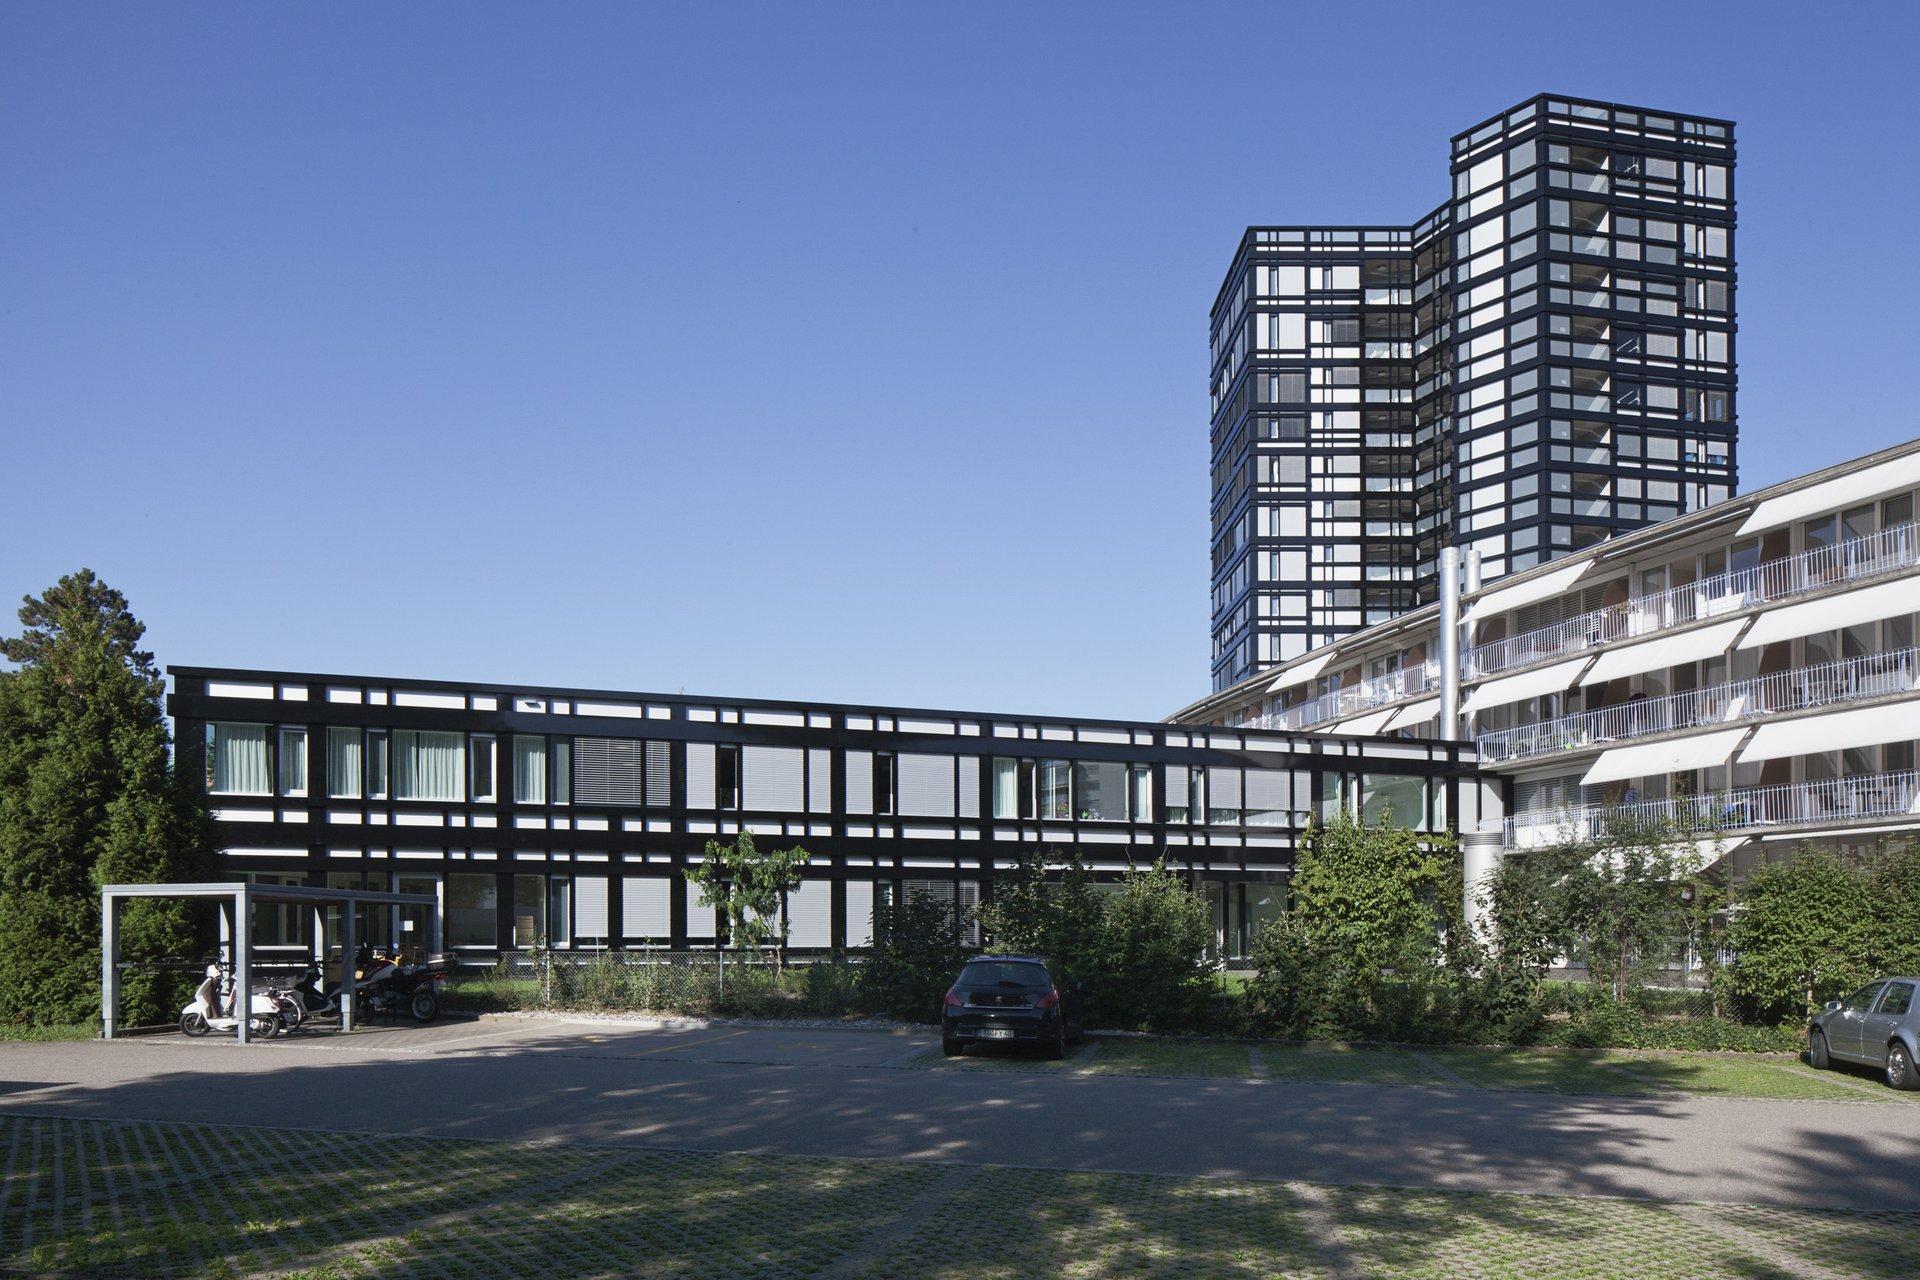 2-geschossiges Gebäude mit Hochhaus rechts hintendran mit schwarzer Fassade